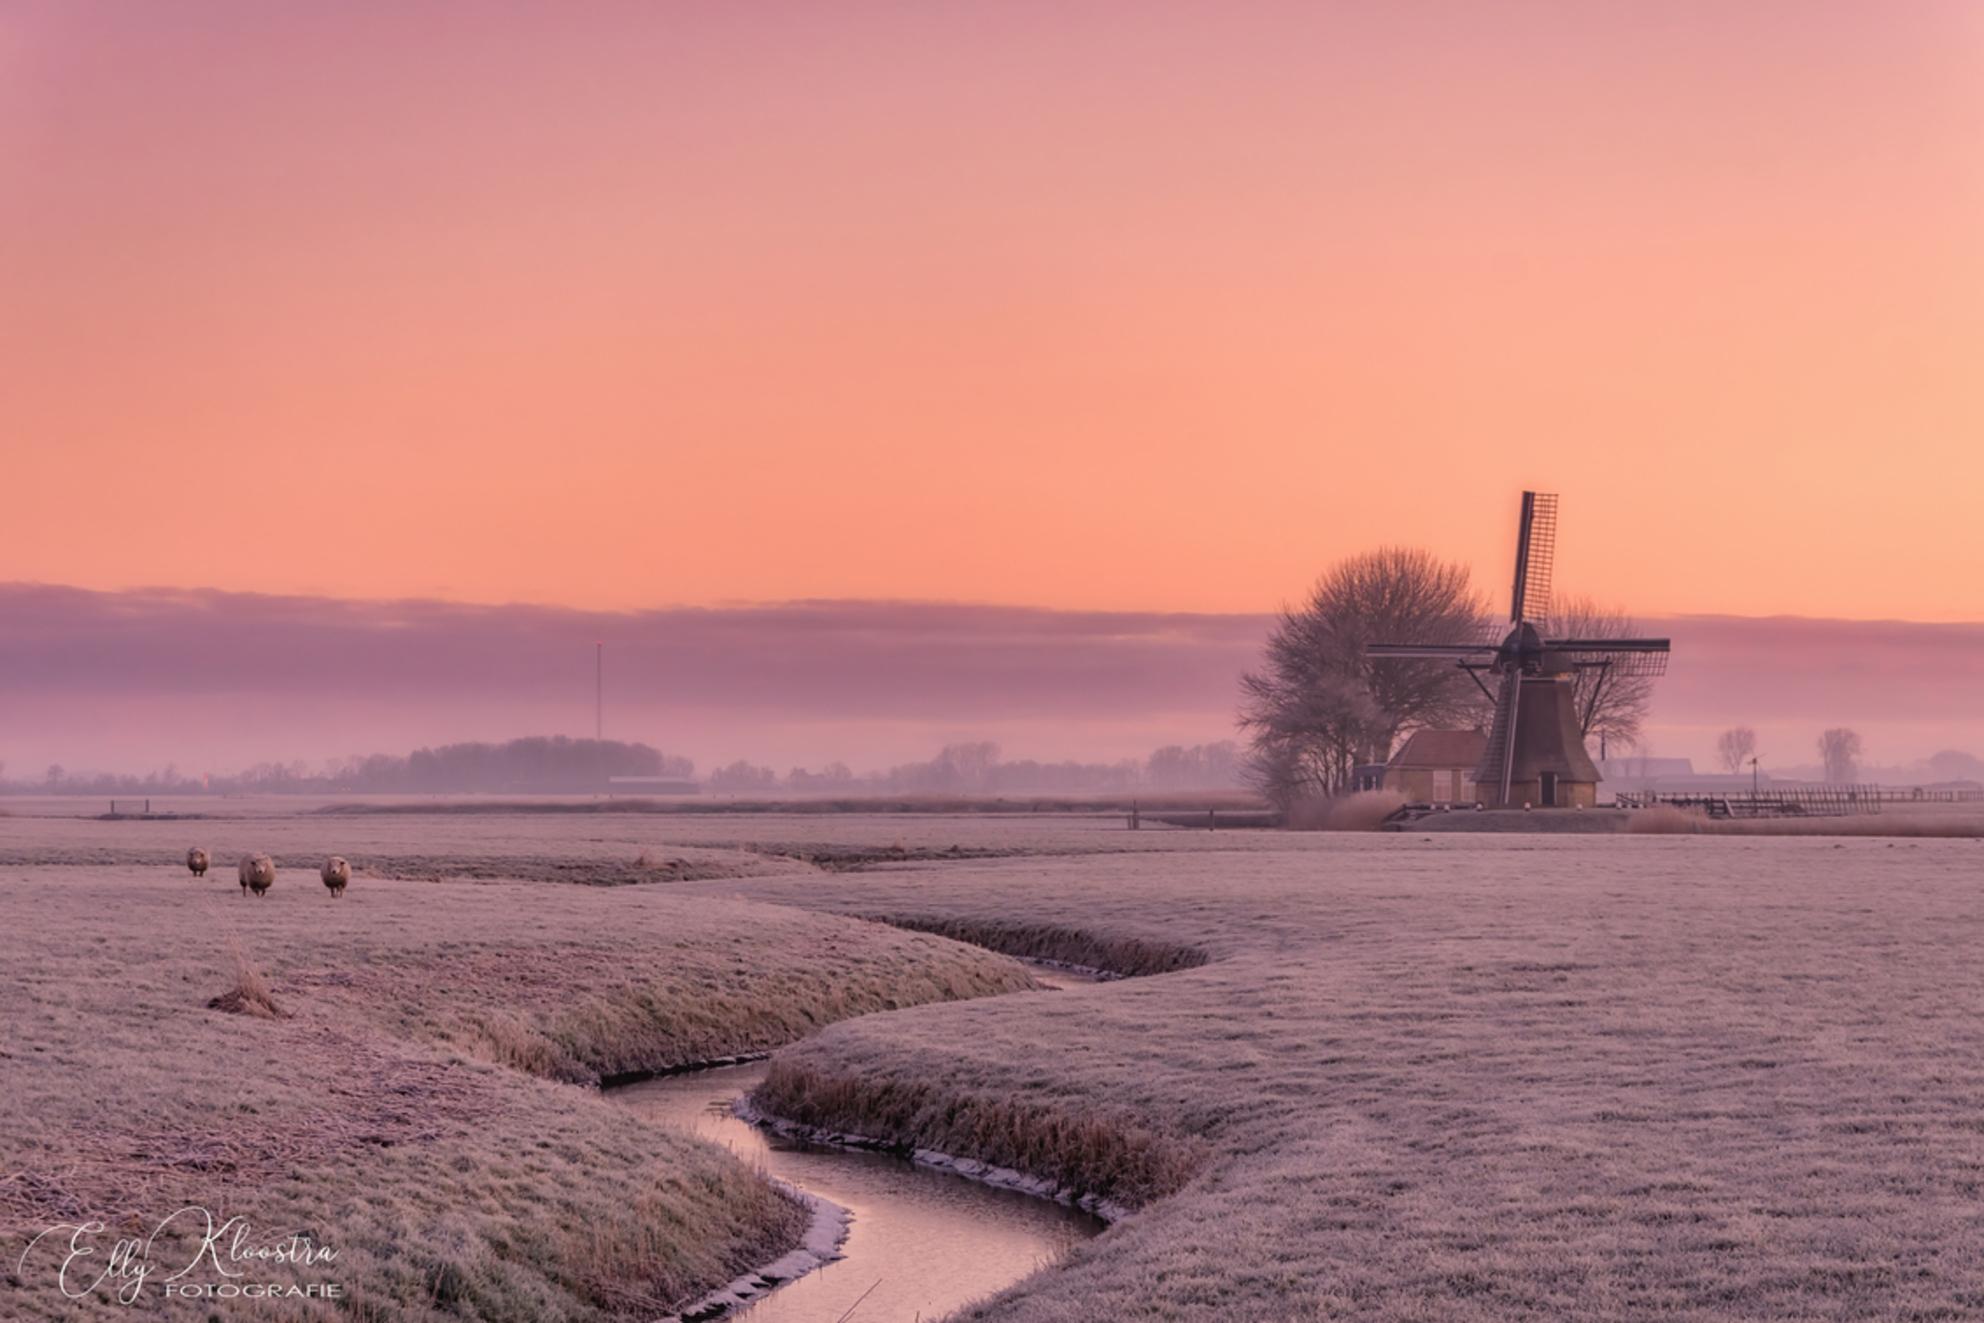 Prachtige zonsopgang - - - foto door Ellyfotografie op 03-03-2021 - deze foto bevat: roze, kleuren, water, schaapjes, winter, ijs, landschap, zonsopkomst, bomen, molen, nederland, friesland